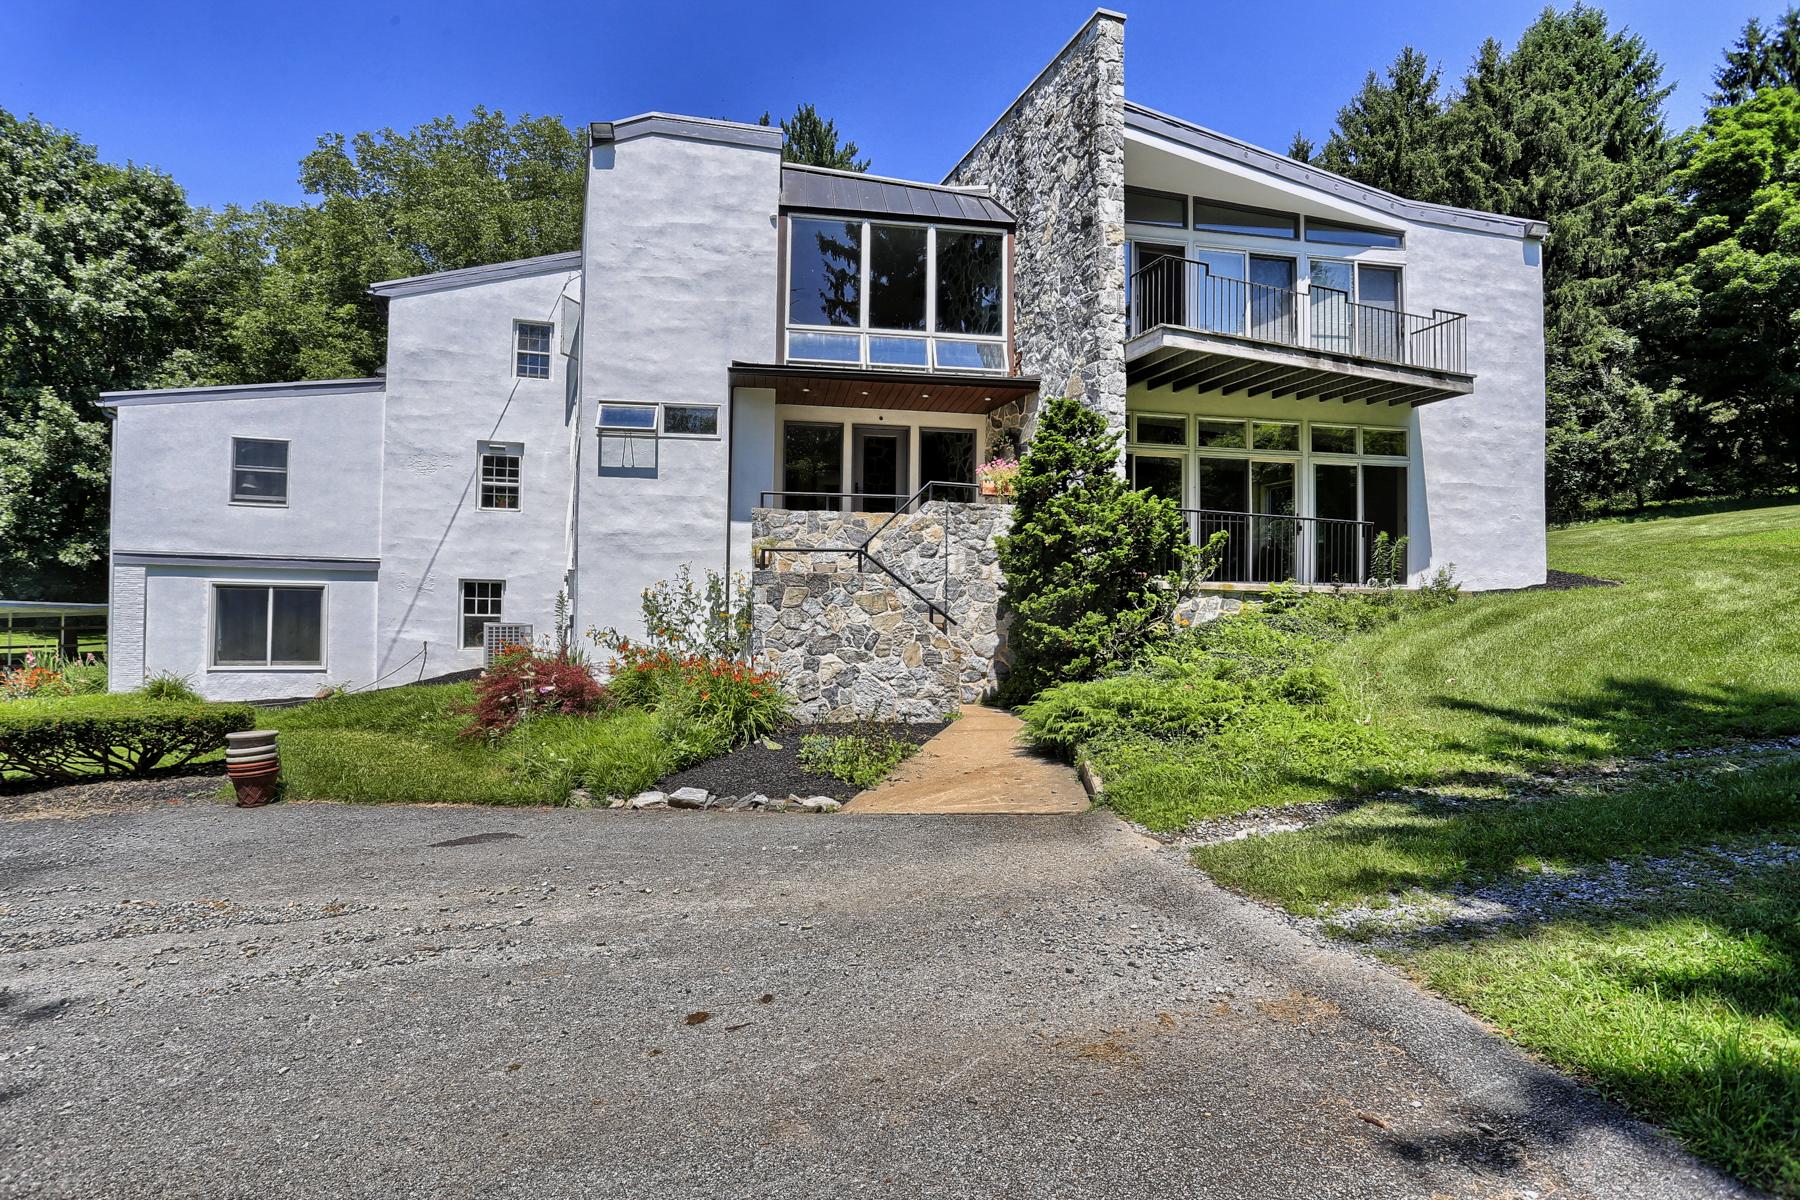 独户住宅 为 销售 在 1944 Millersville Road 兰开斯特, 宾夕法尼亚州 17603 美国